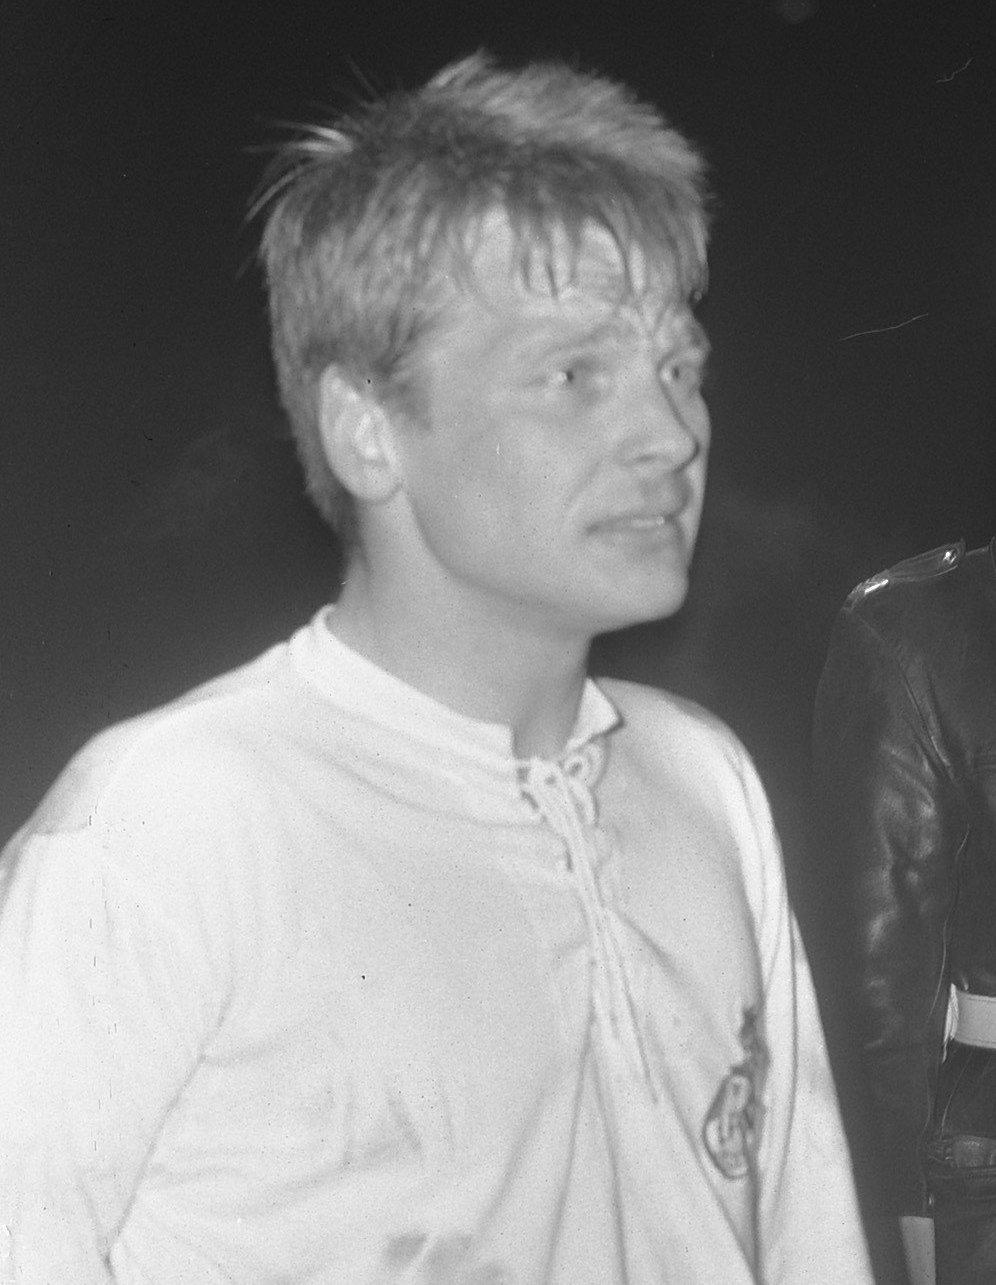 Karl Heinz Thielen